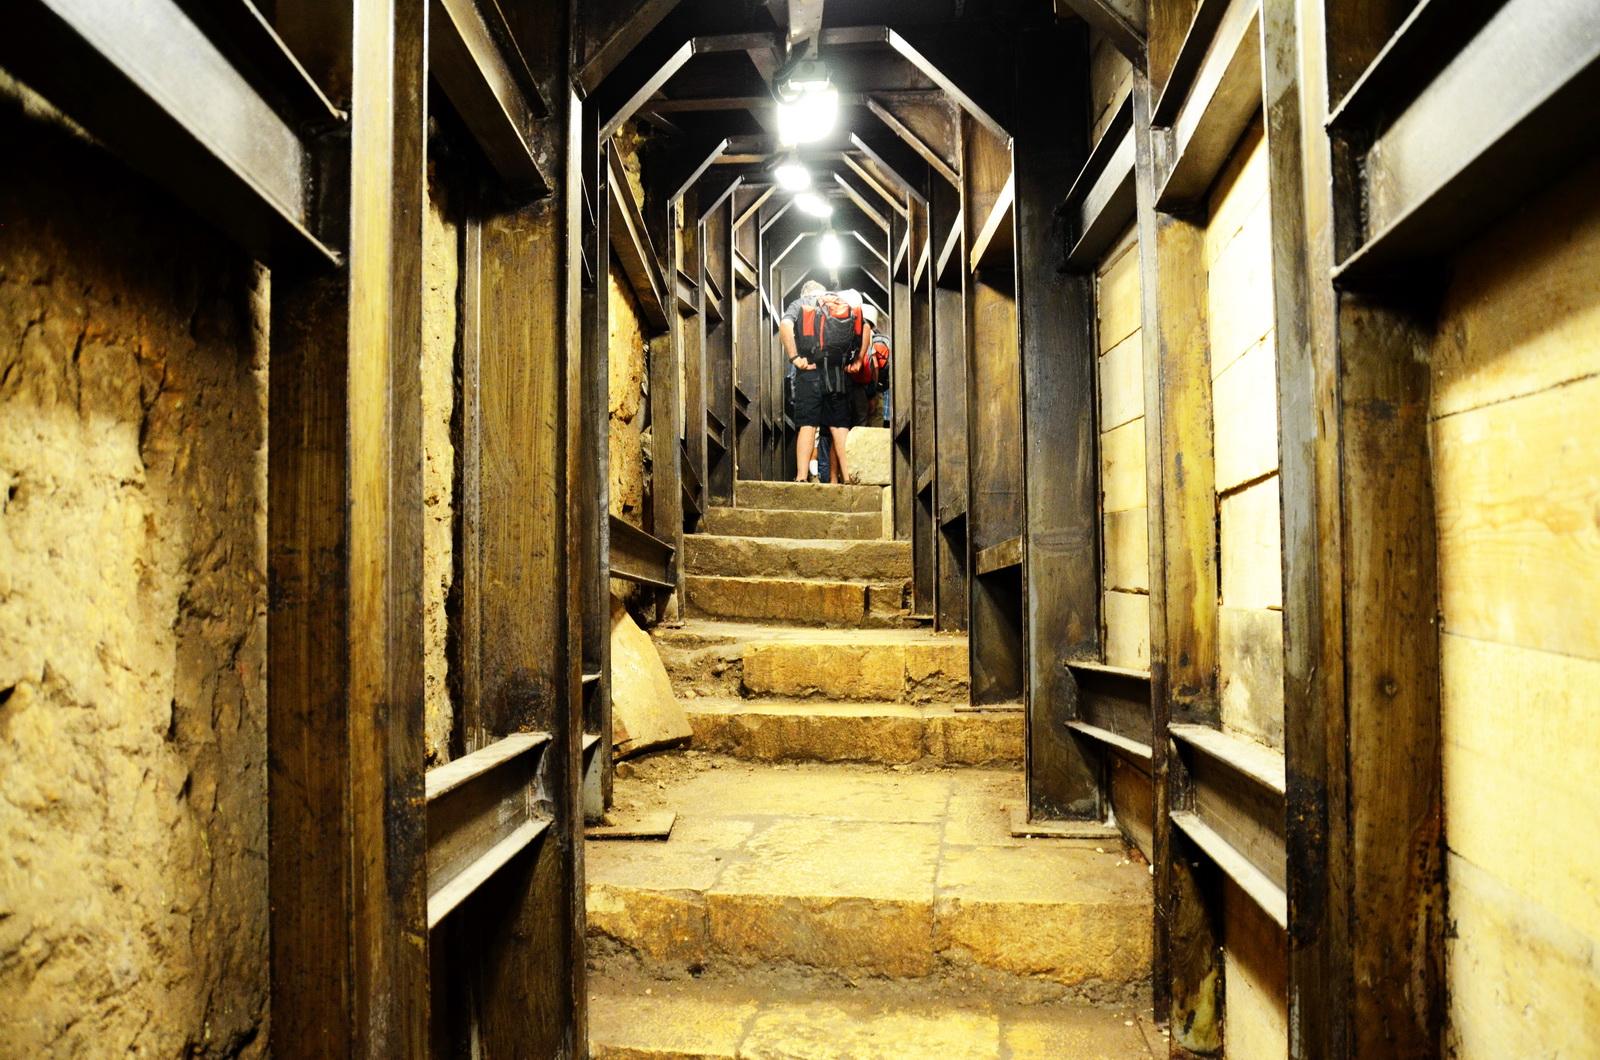 רחוב המדרגות, המעלה את עולי הרגל מהבריכה להר הבית